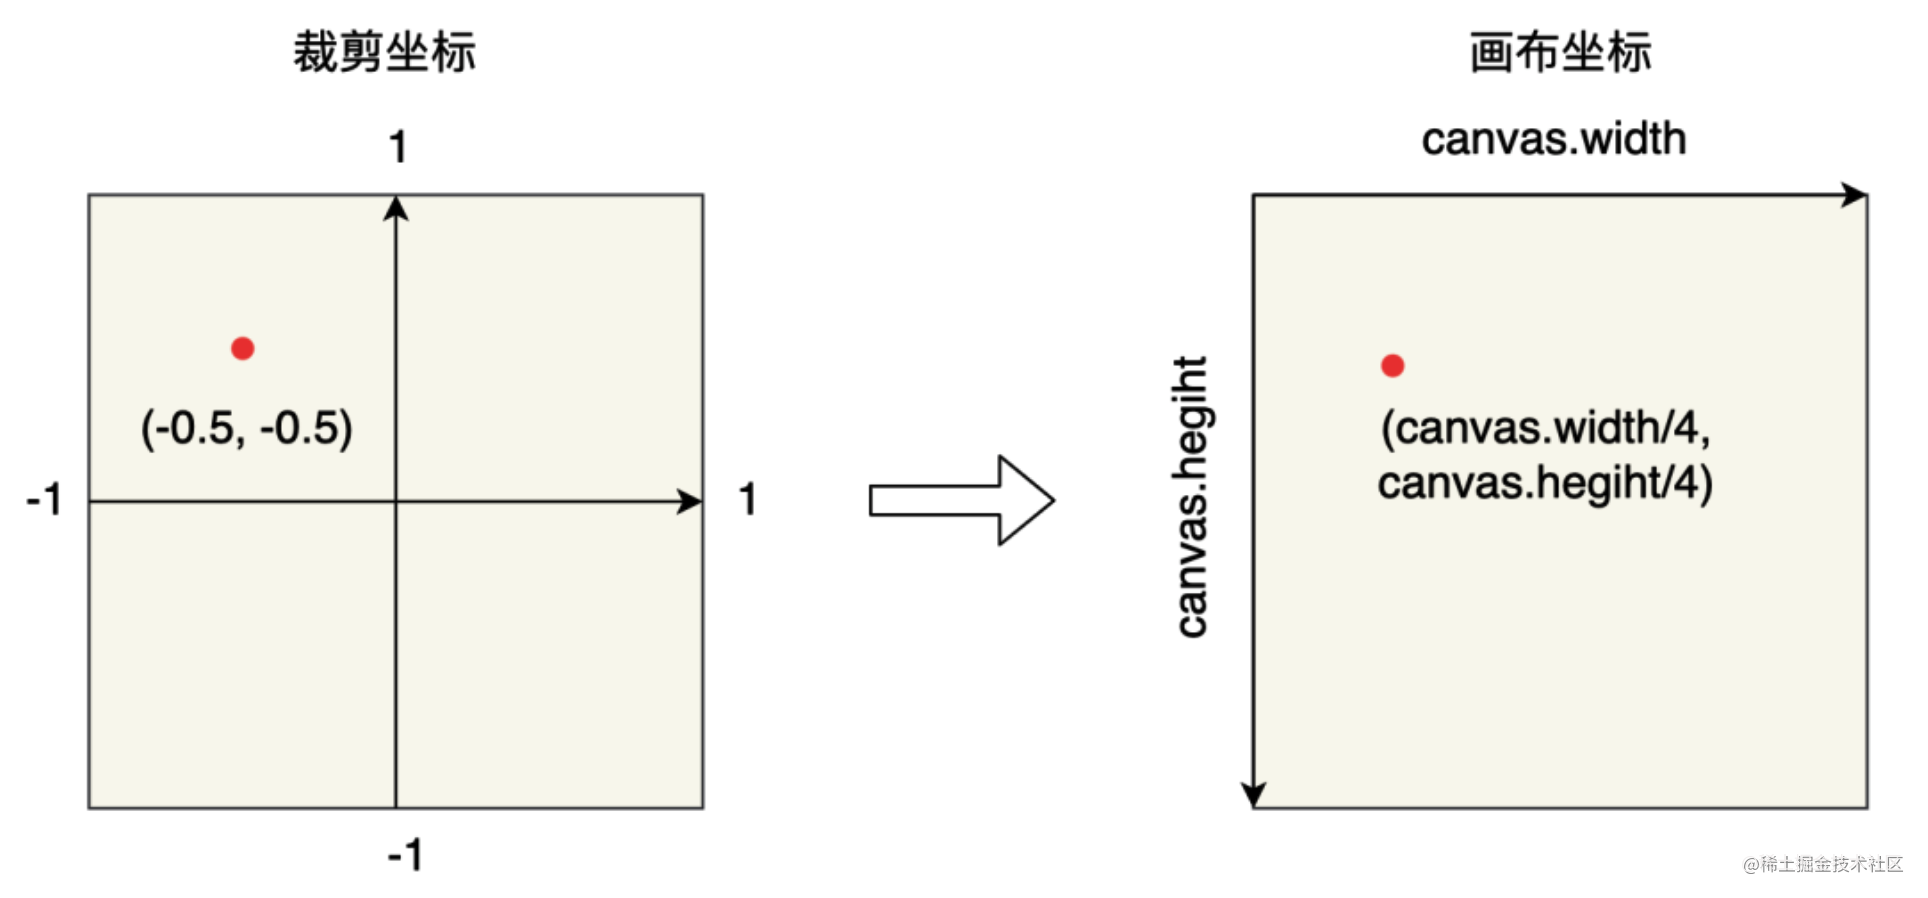 裁剪坐标系